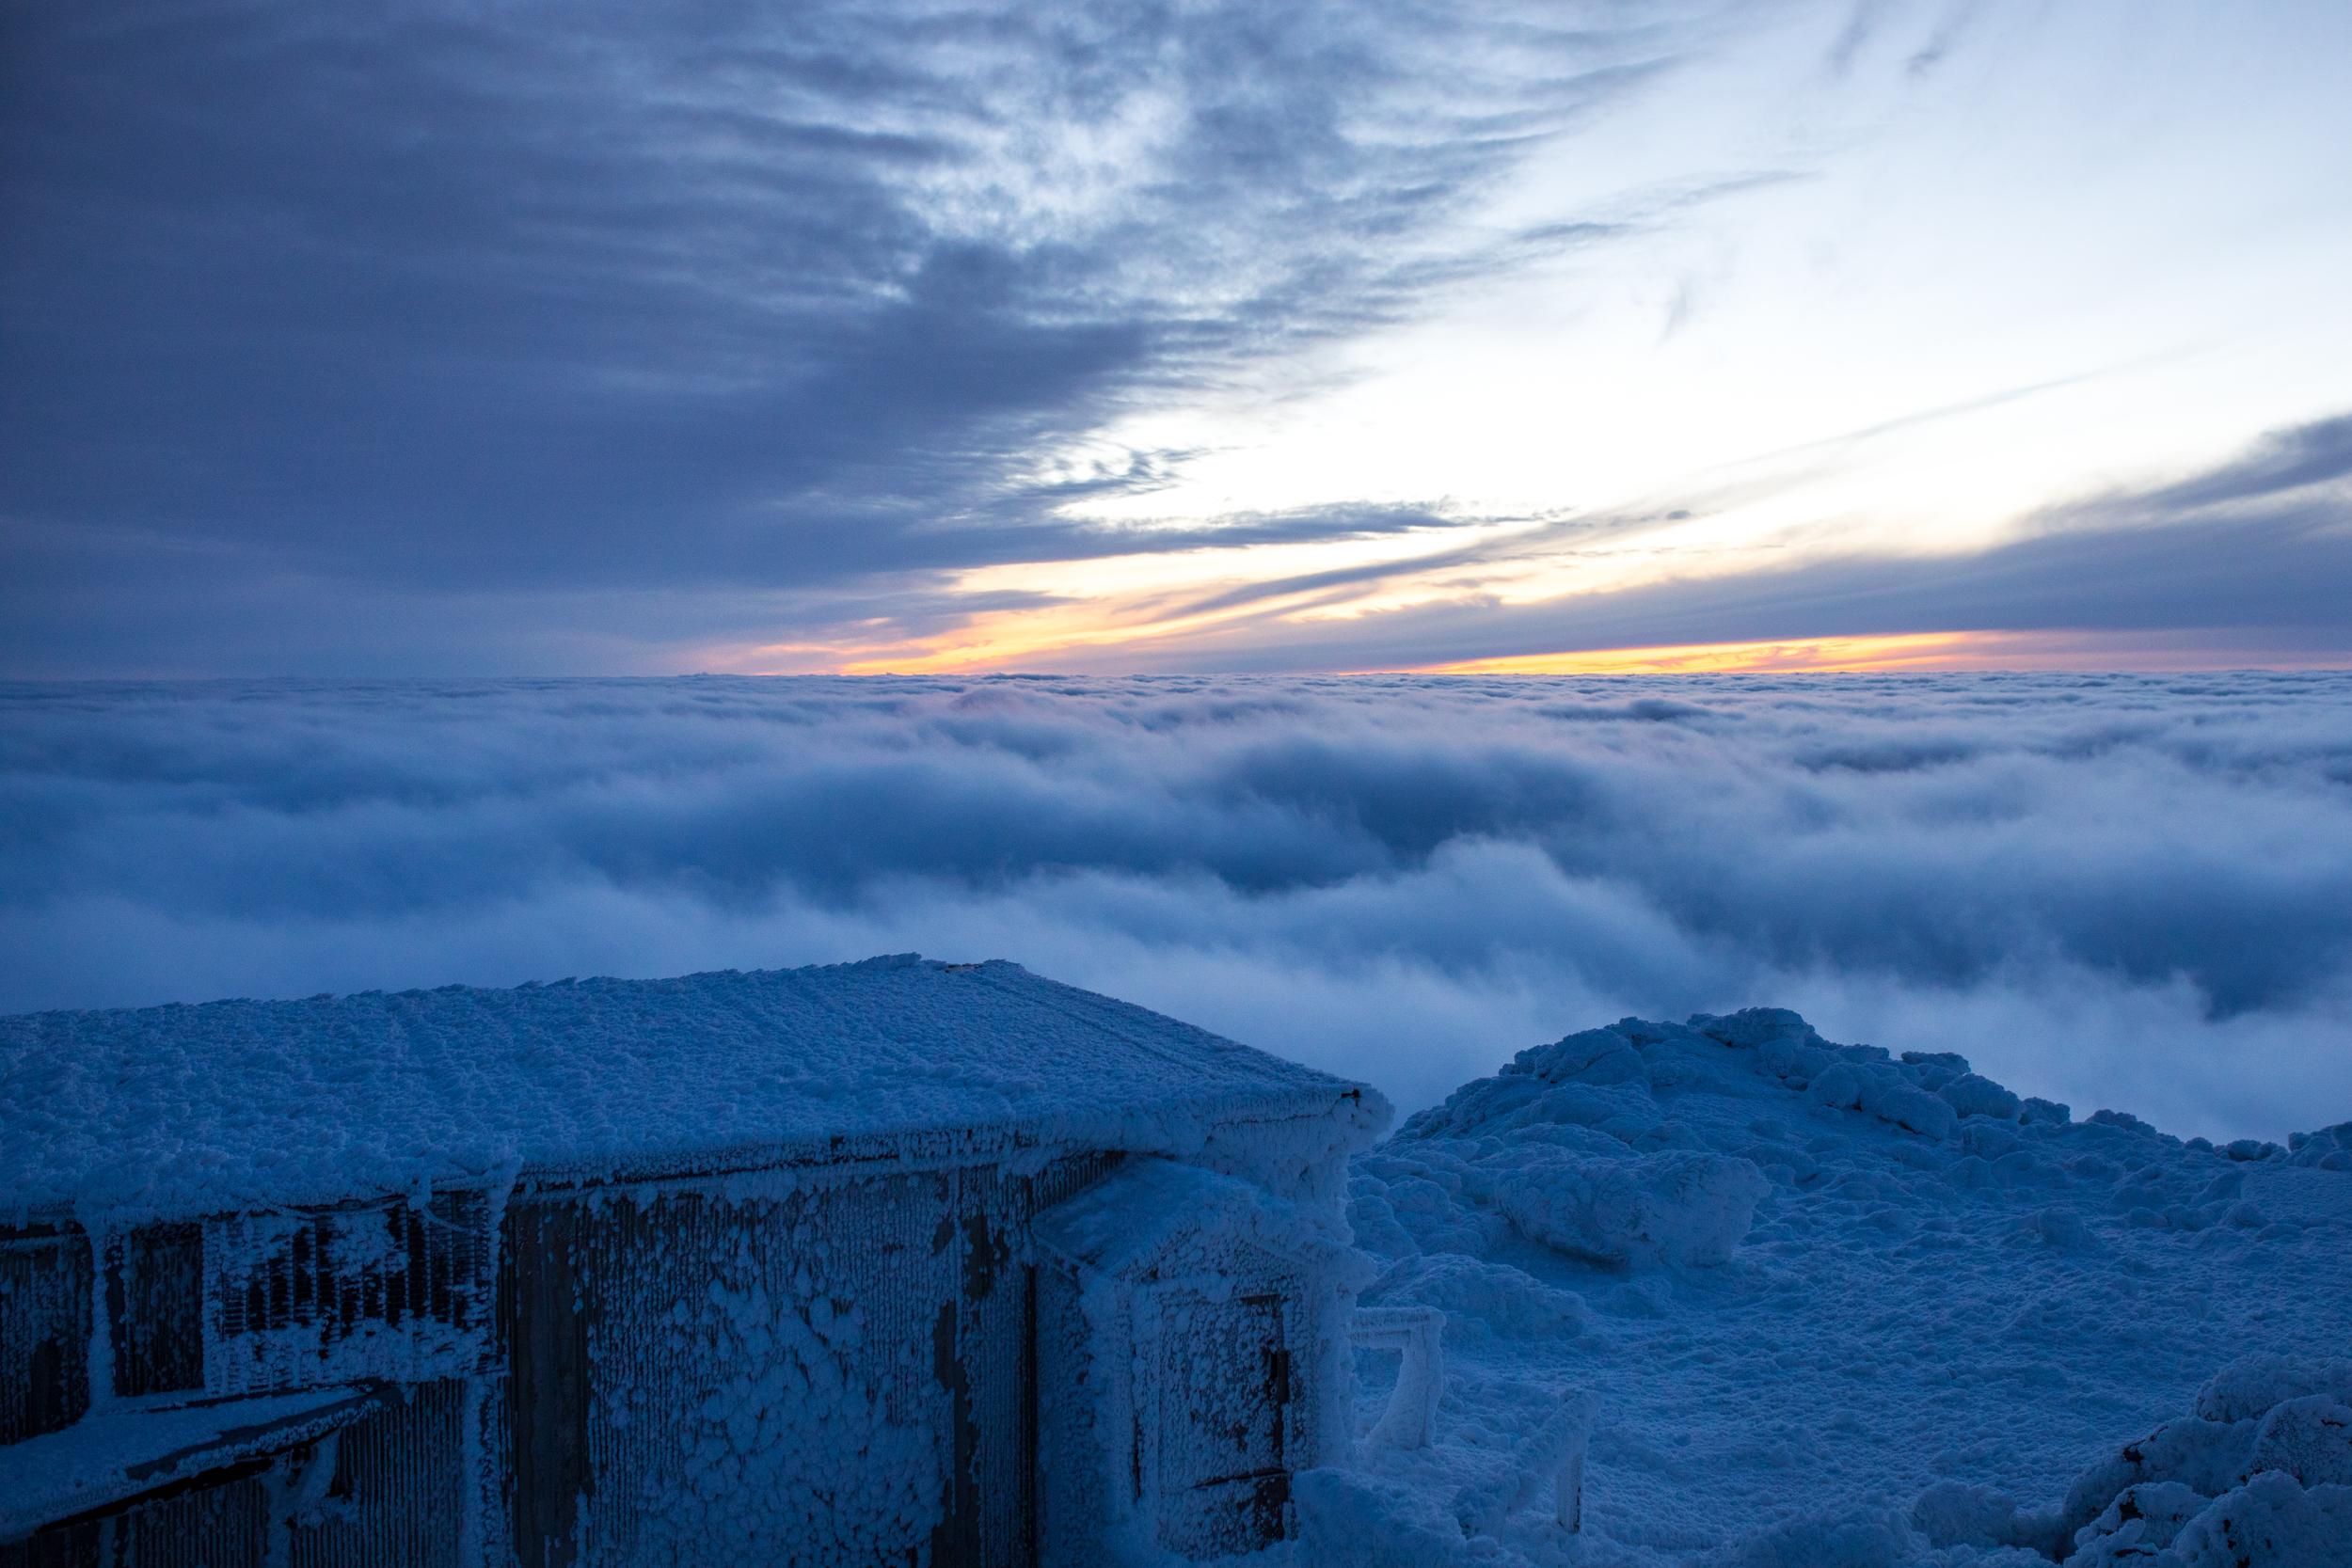 Mount Washington Clouds Sunset.jpg